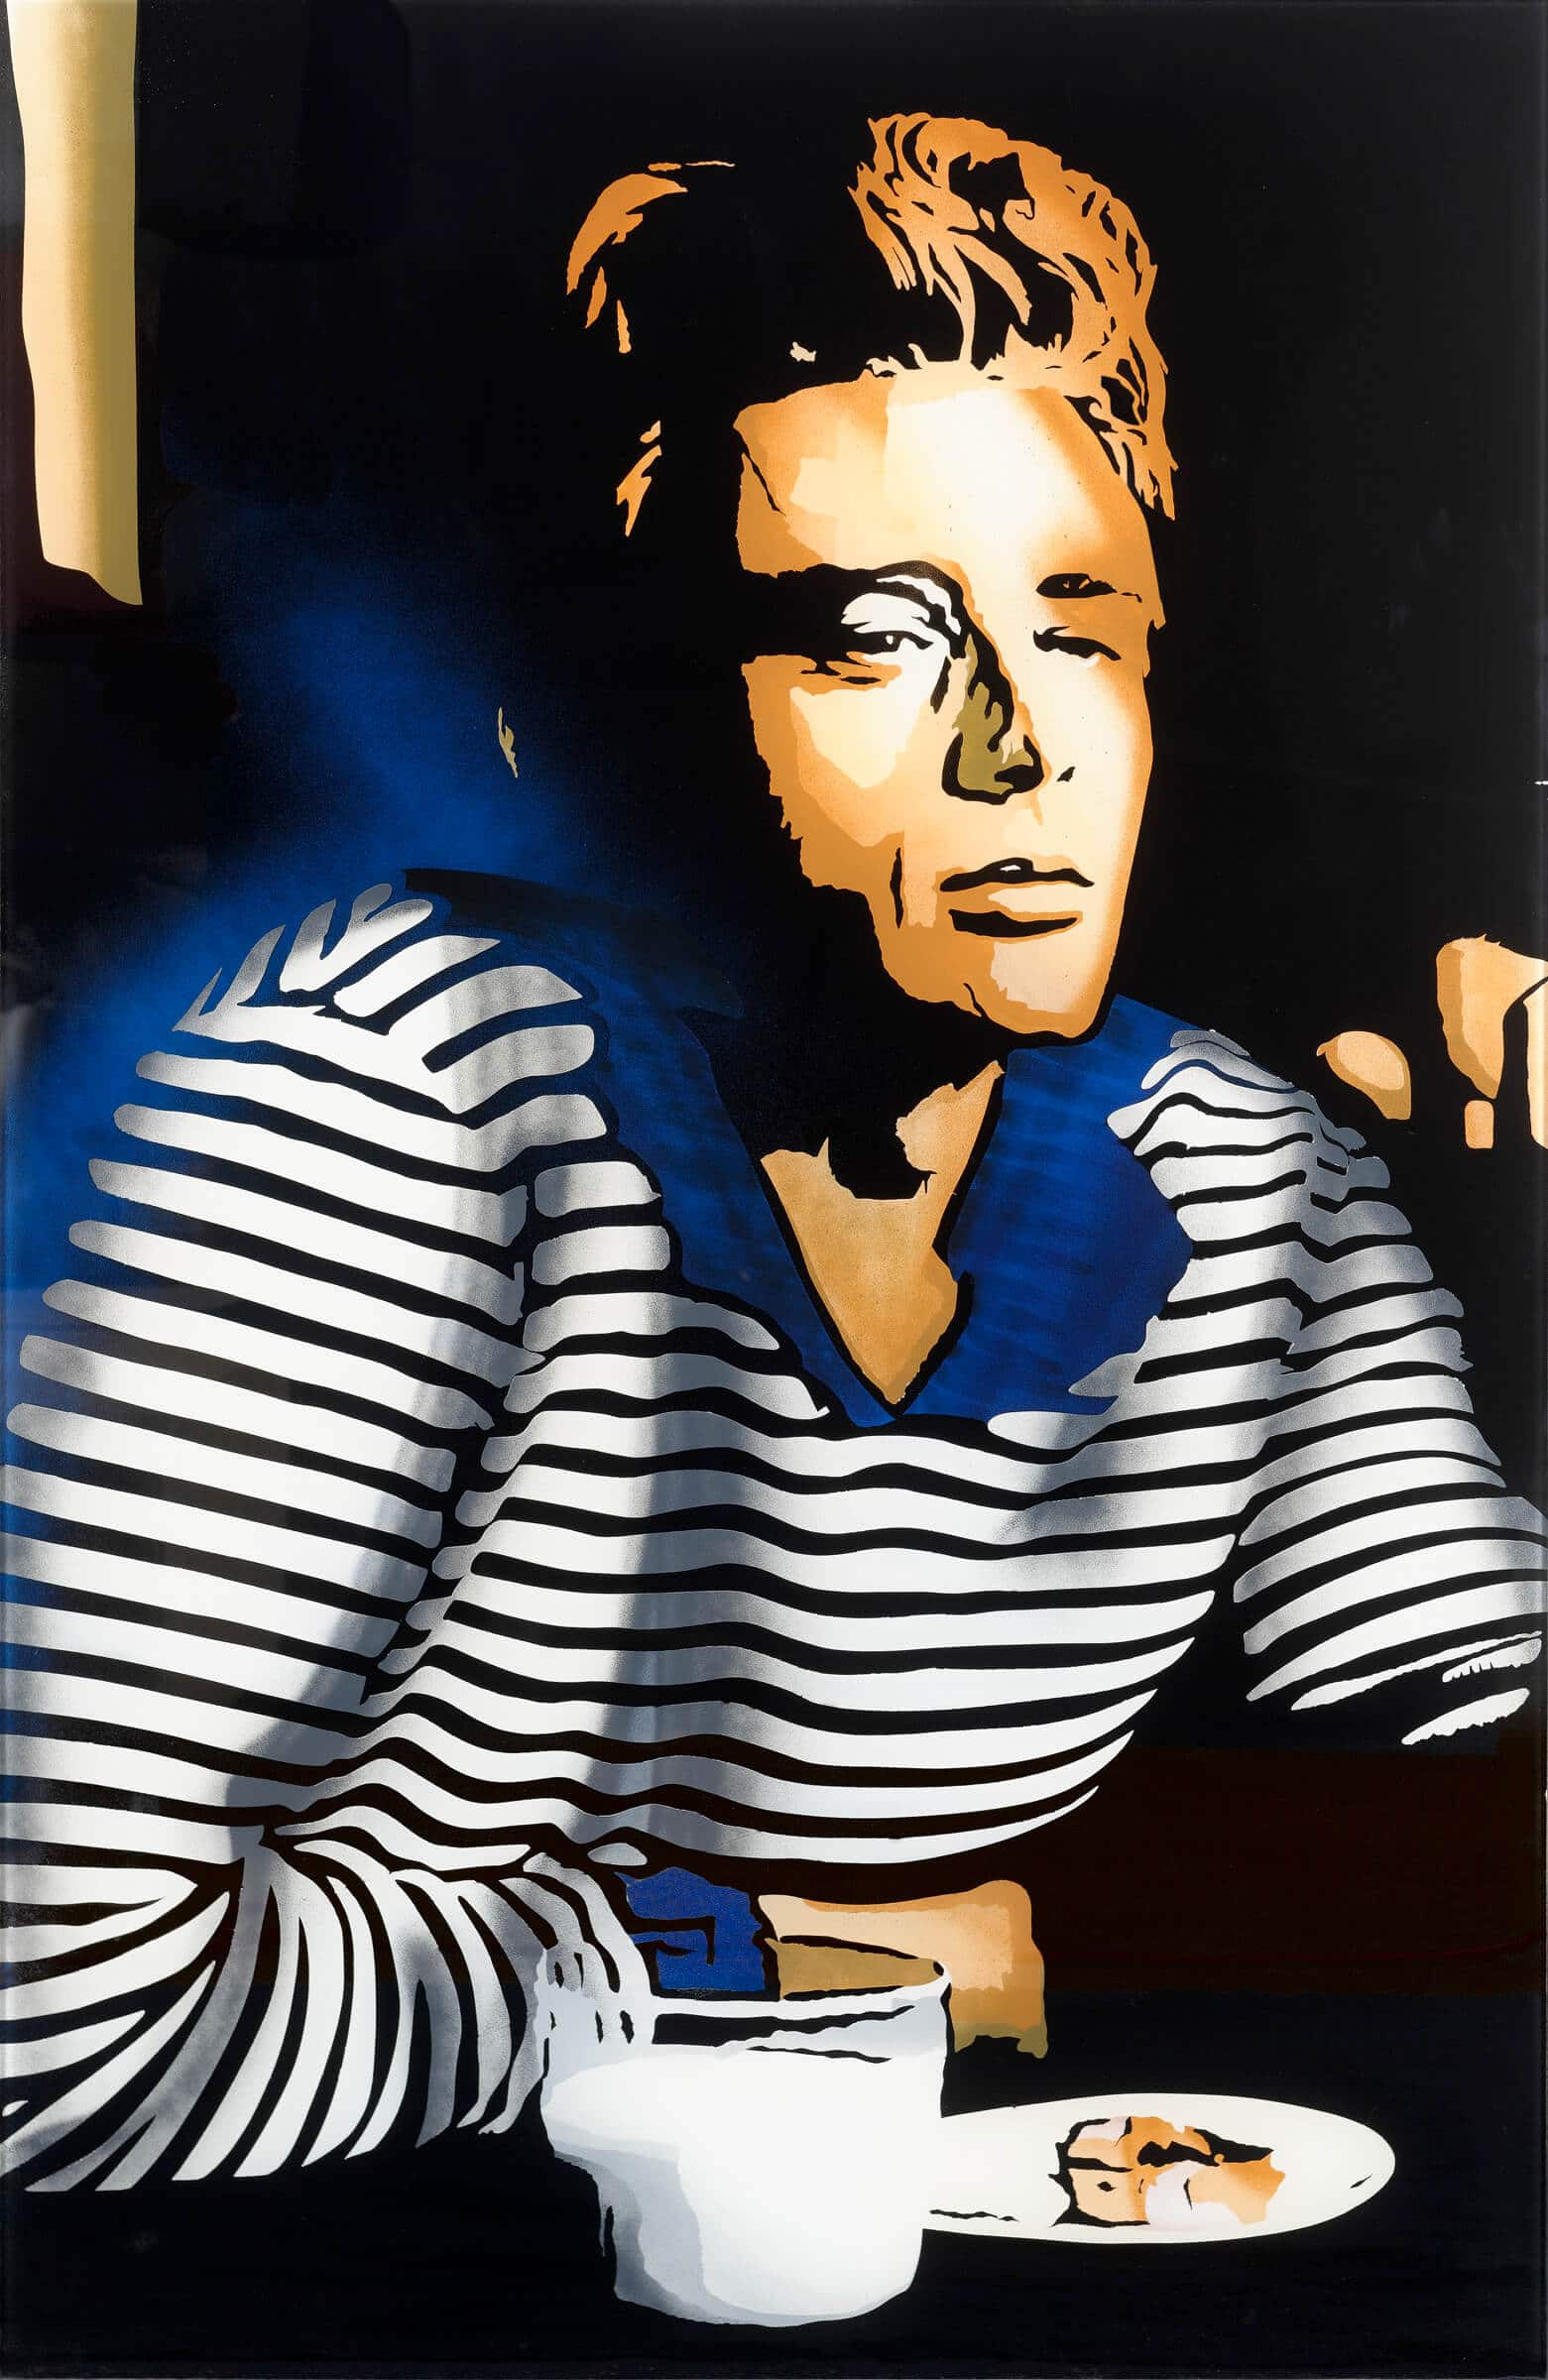 James Dean par Jean-Soguero Design